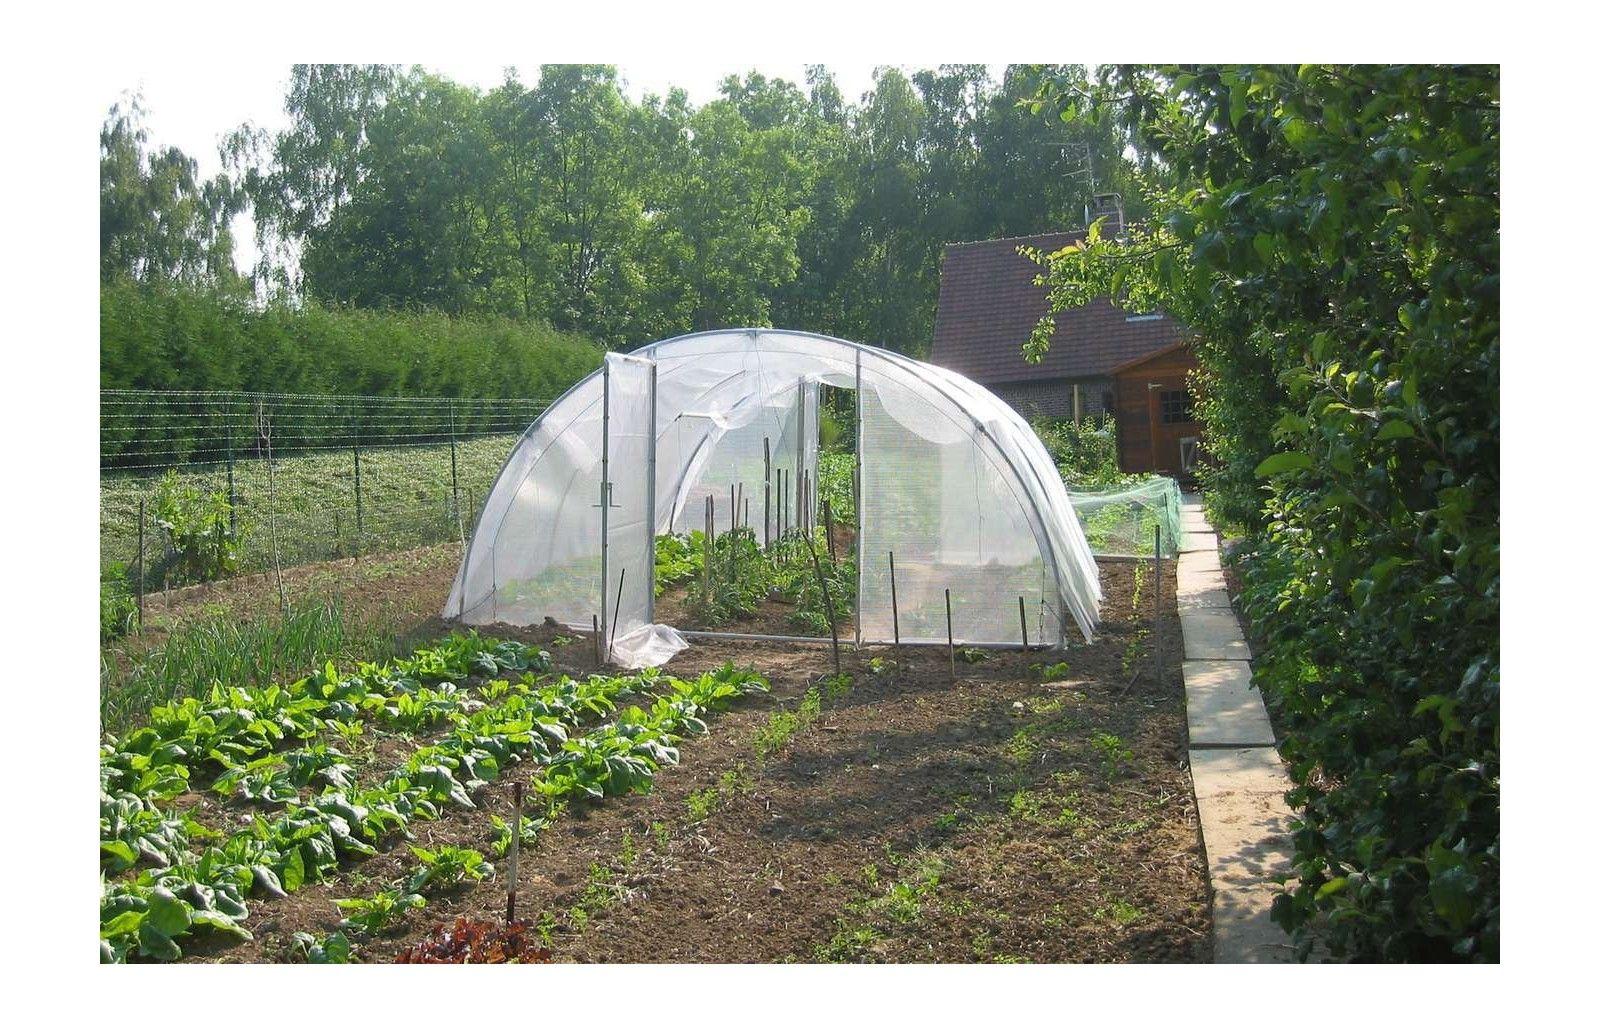 bache de toit serre abri legumes long 10m00 serres tonneau. Black Bedroom Furniture Sets. Home Design Ideas